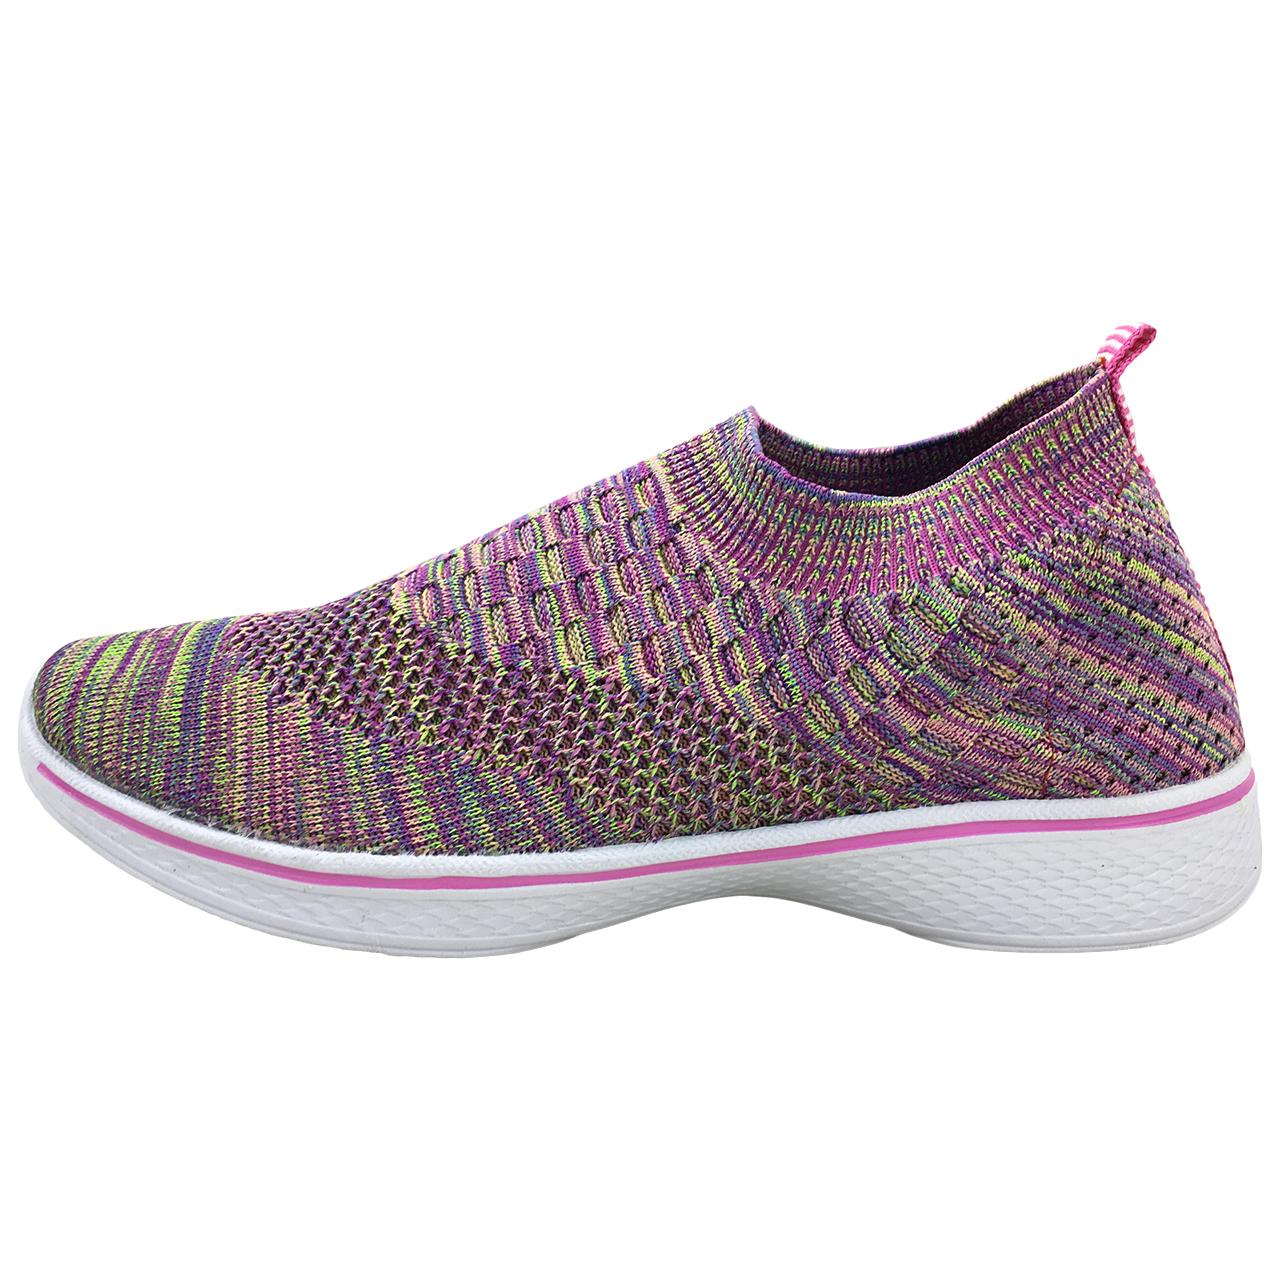 خرید کفش مخصوص پیاده روی زنانه نسیم مدل پاریس کد 2661